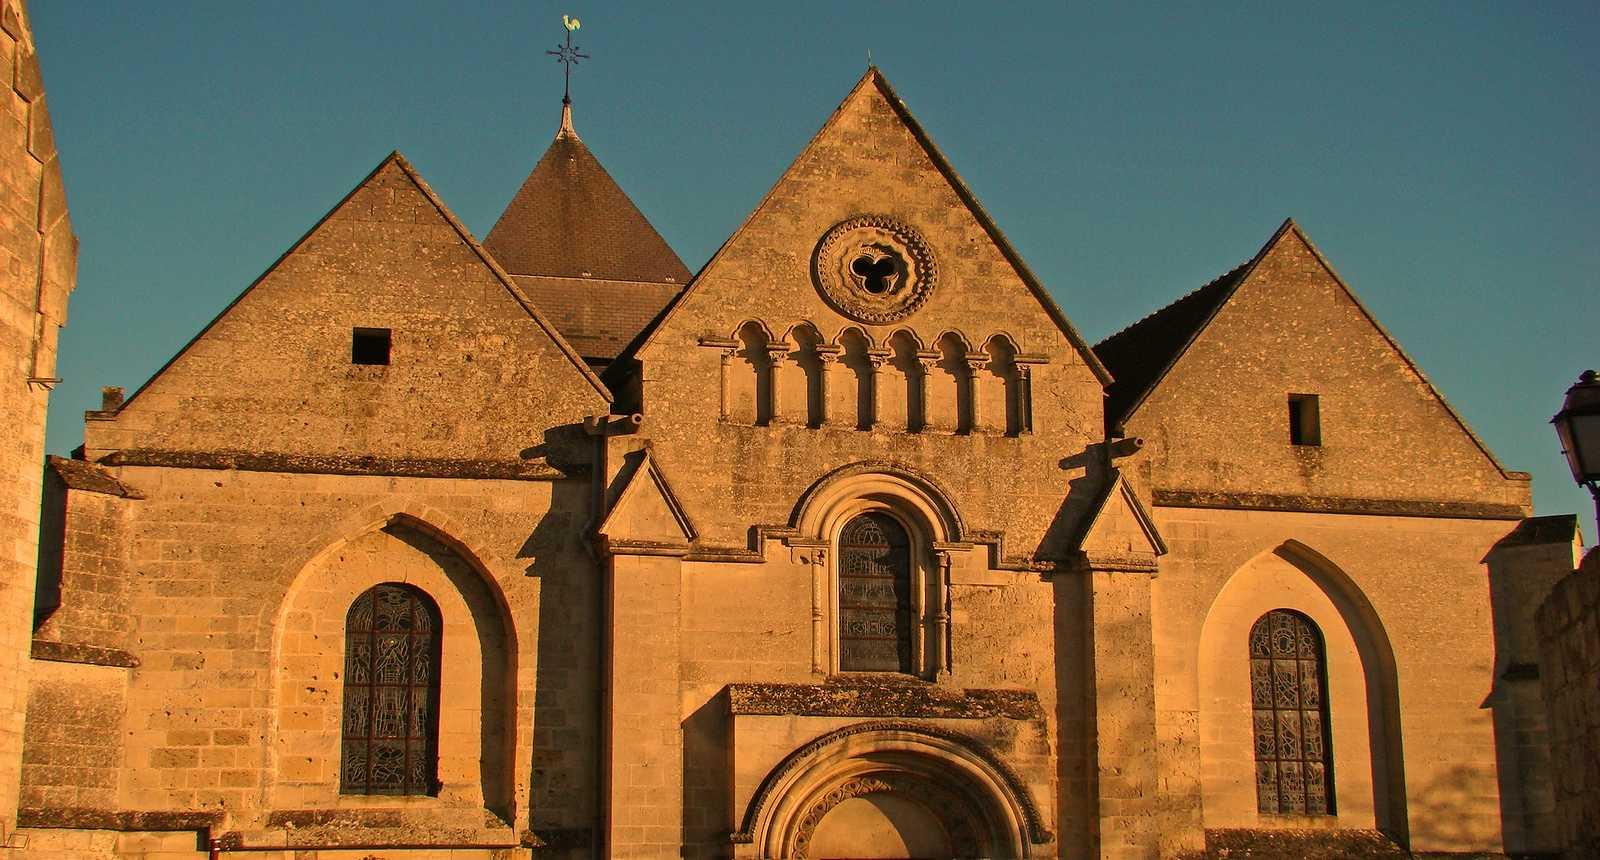 Offices de tourisme ot et syndicats d 39 initiatives aisne 02 page 2 - Office du tourisme chateau thierry ...